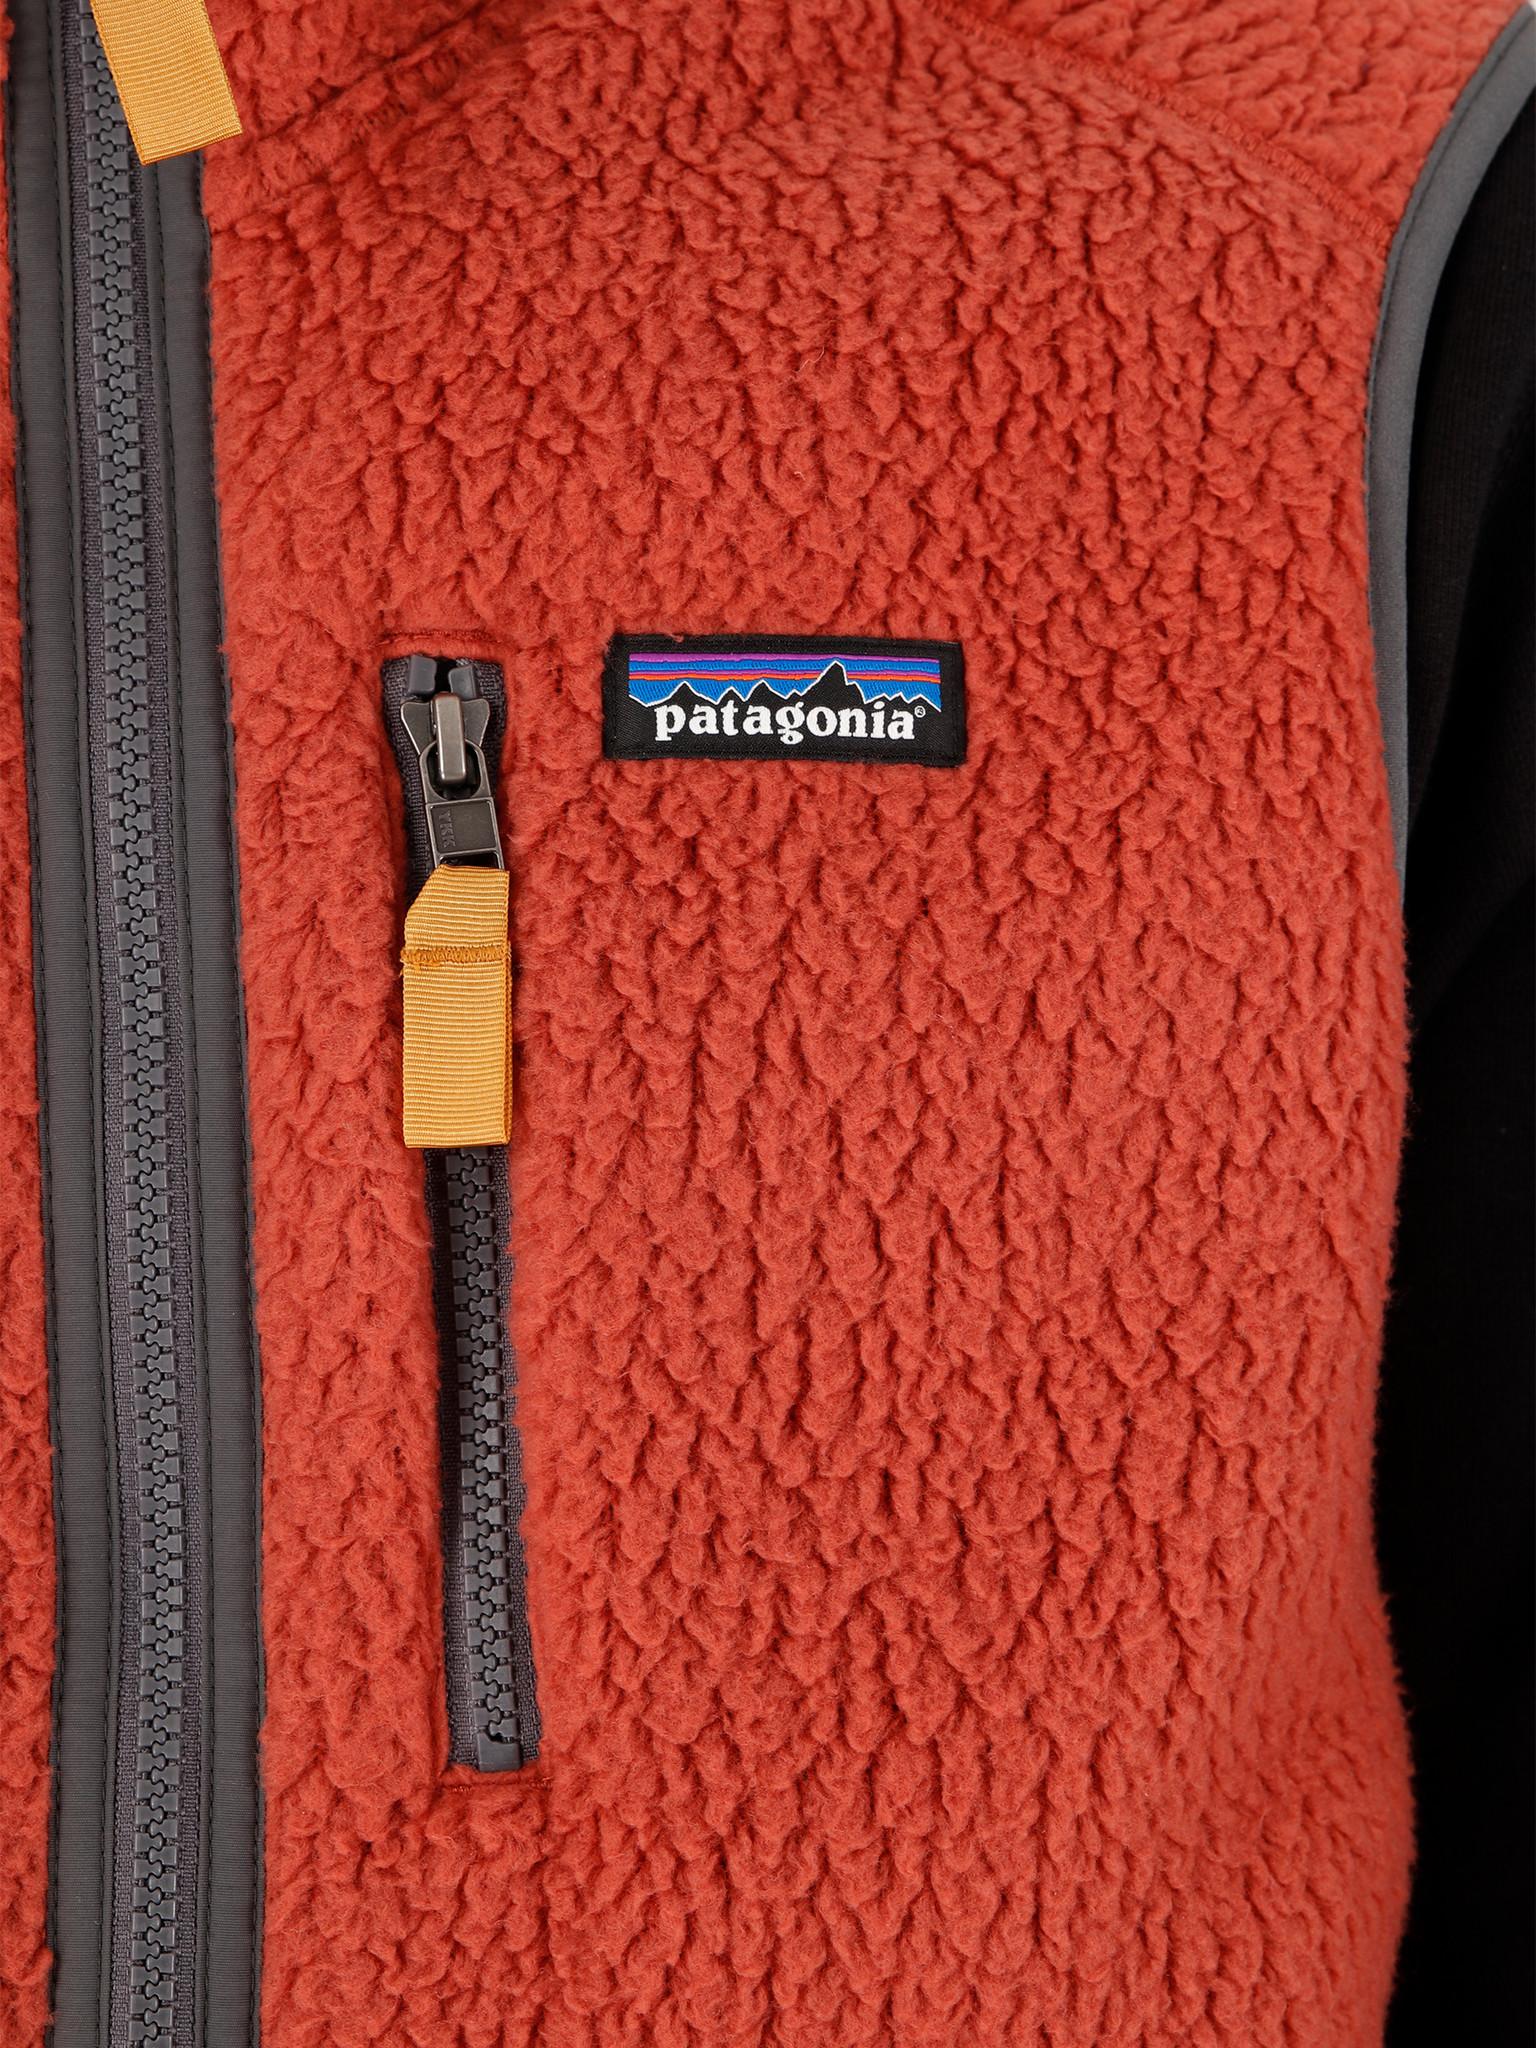 Patagonia Patagonia M's Retro Pile Vest Spanish Red 22821